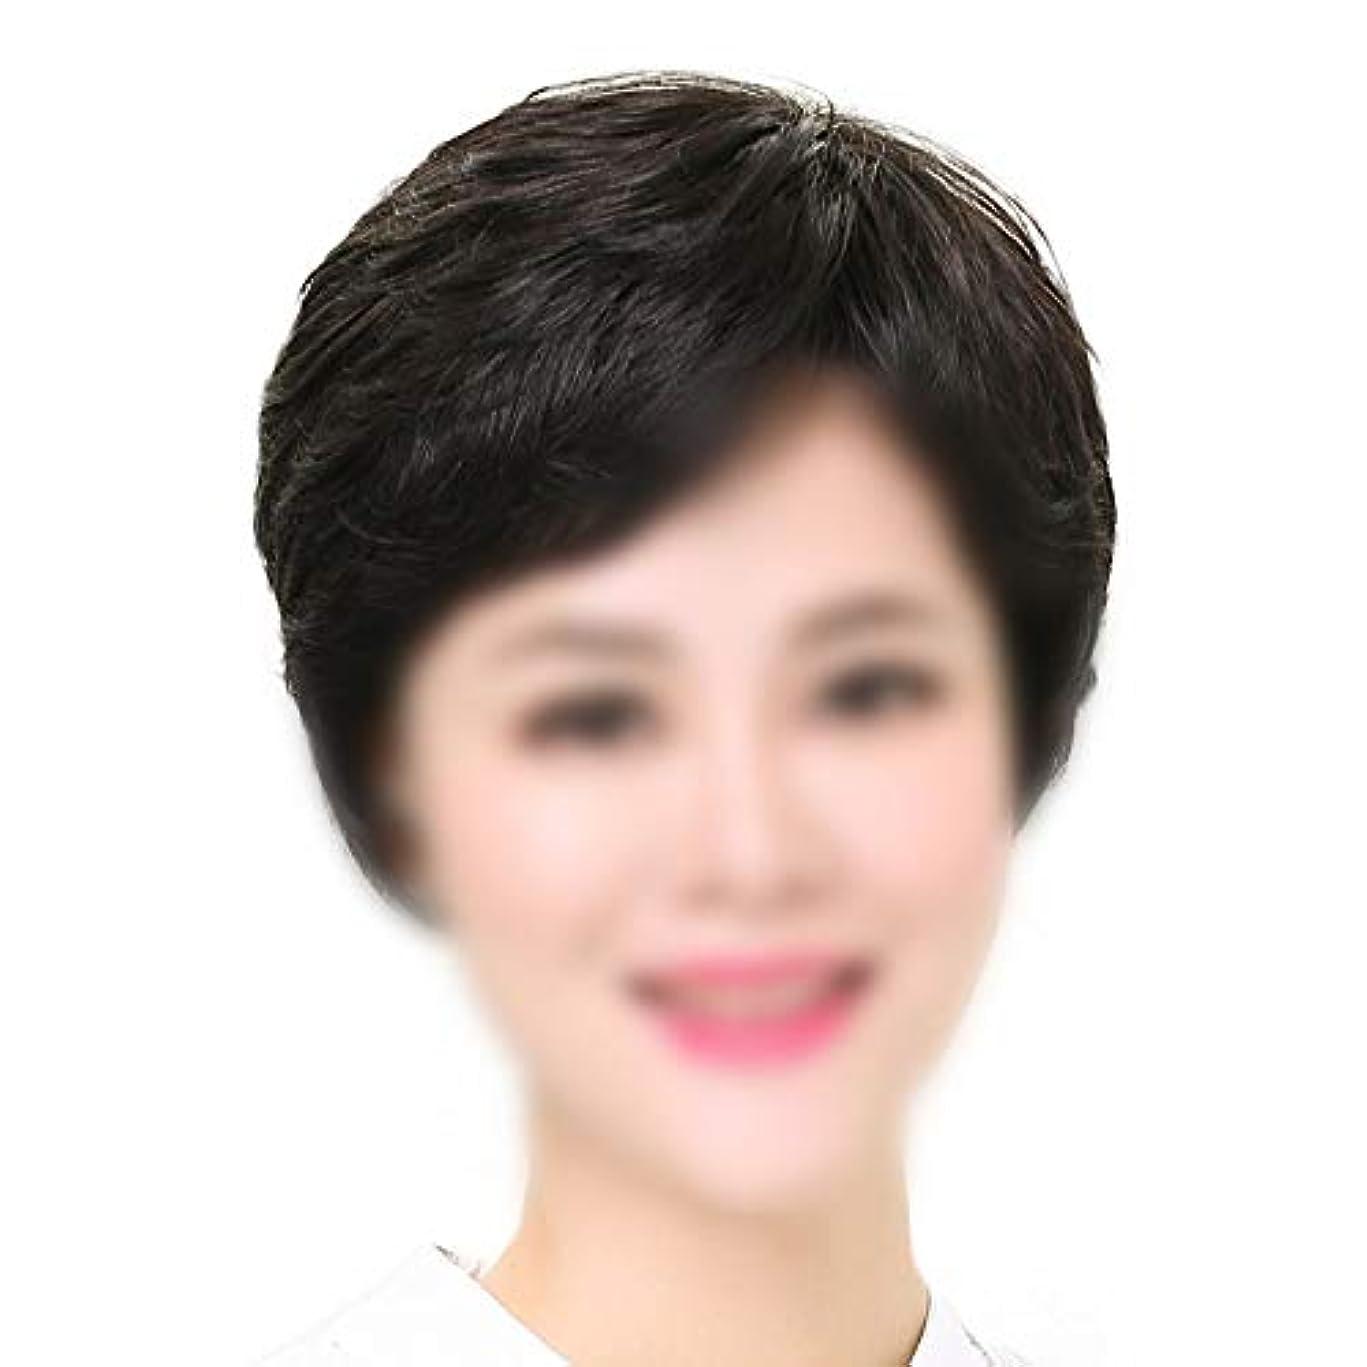 チャレンジバー地中海YOUQIU フル手織り女性の自然な人間の髪マイクロ波ショートヘアウィッグかつら中年 (色 : Natural black, サイズ : Hand-needle)